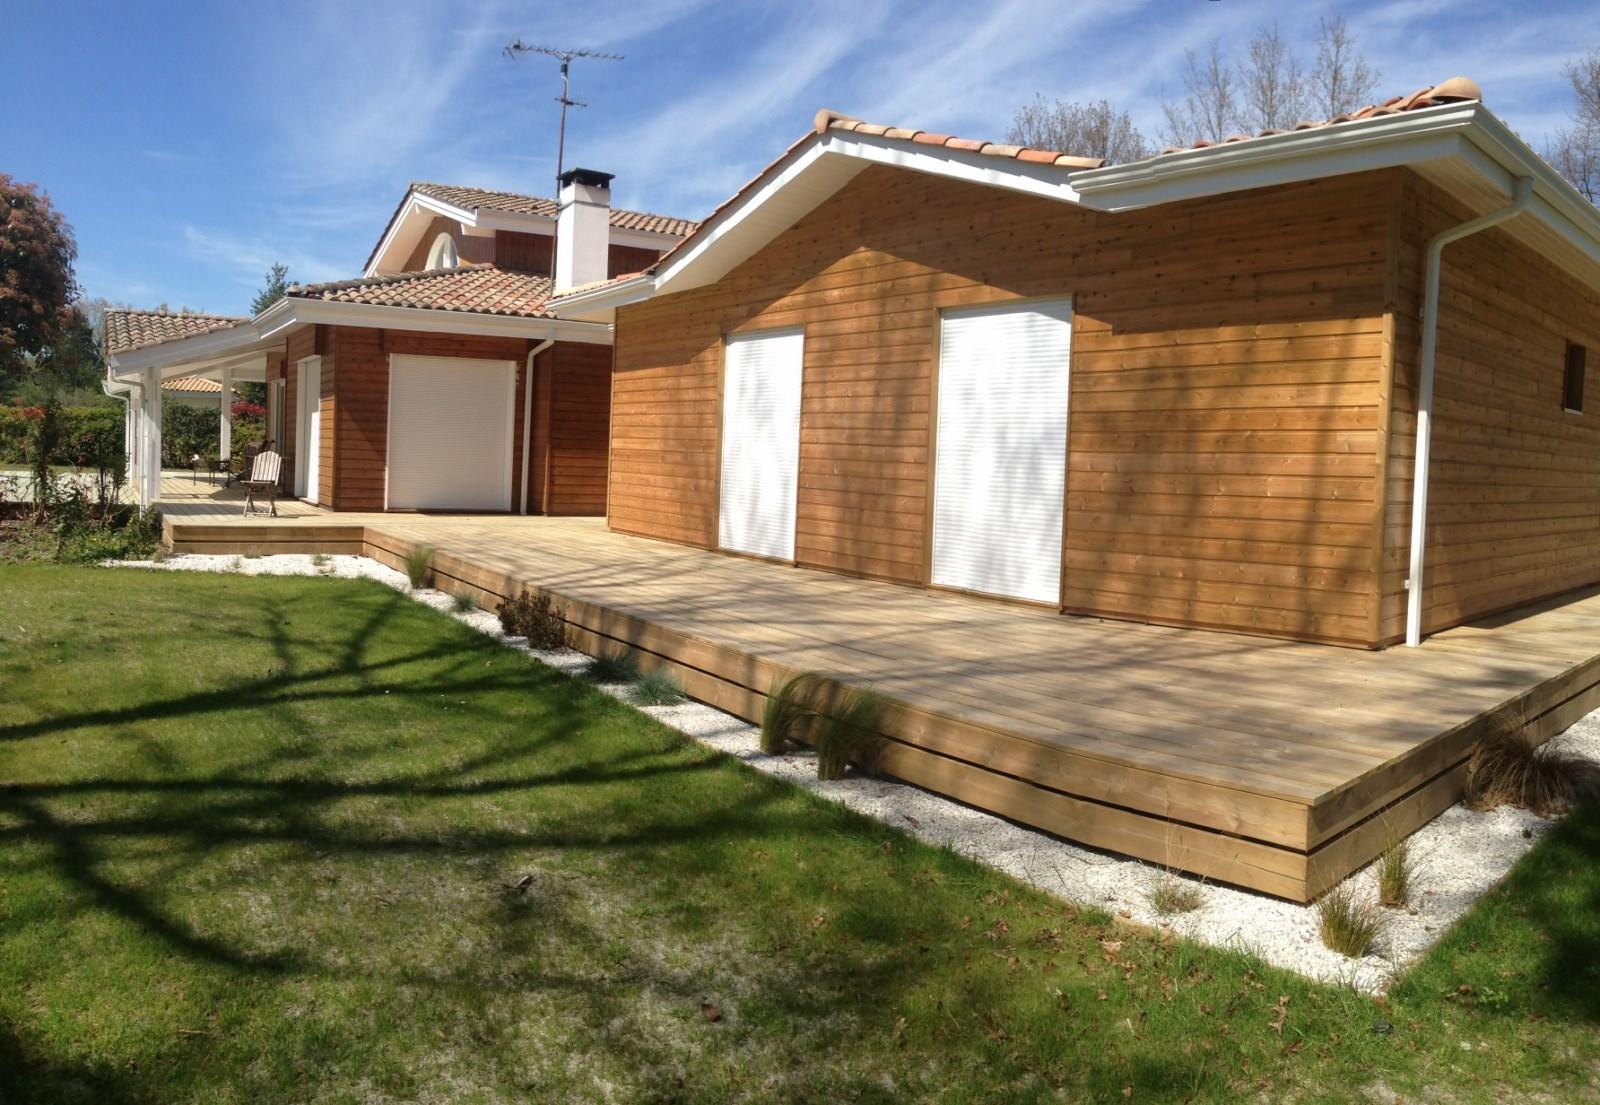 Maison Ossature Bois Bordeaux construction maison ossature bois avec piscine à cestas